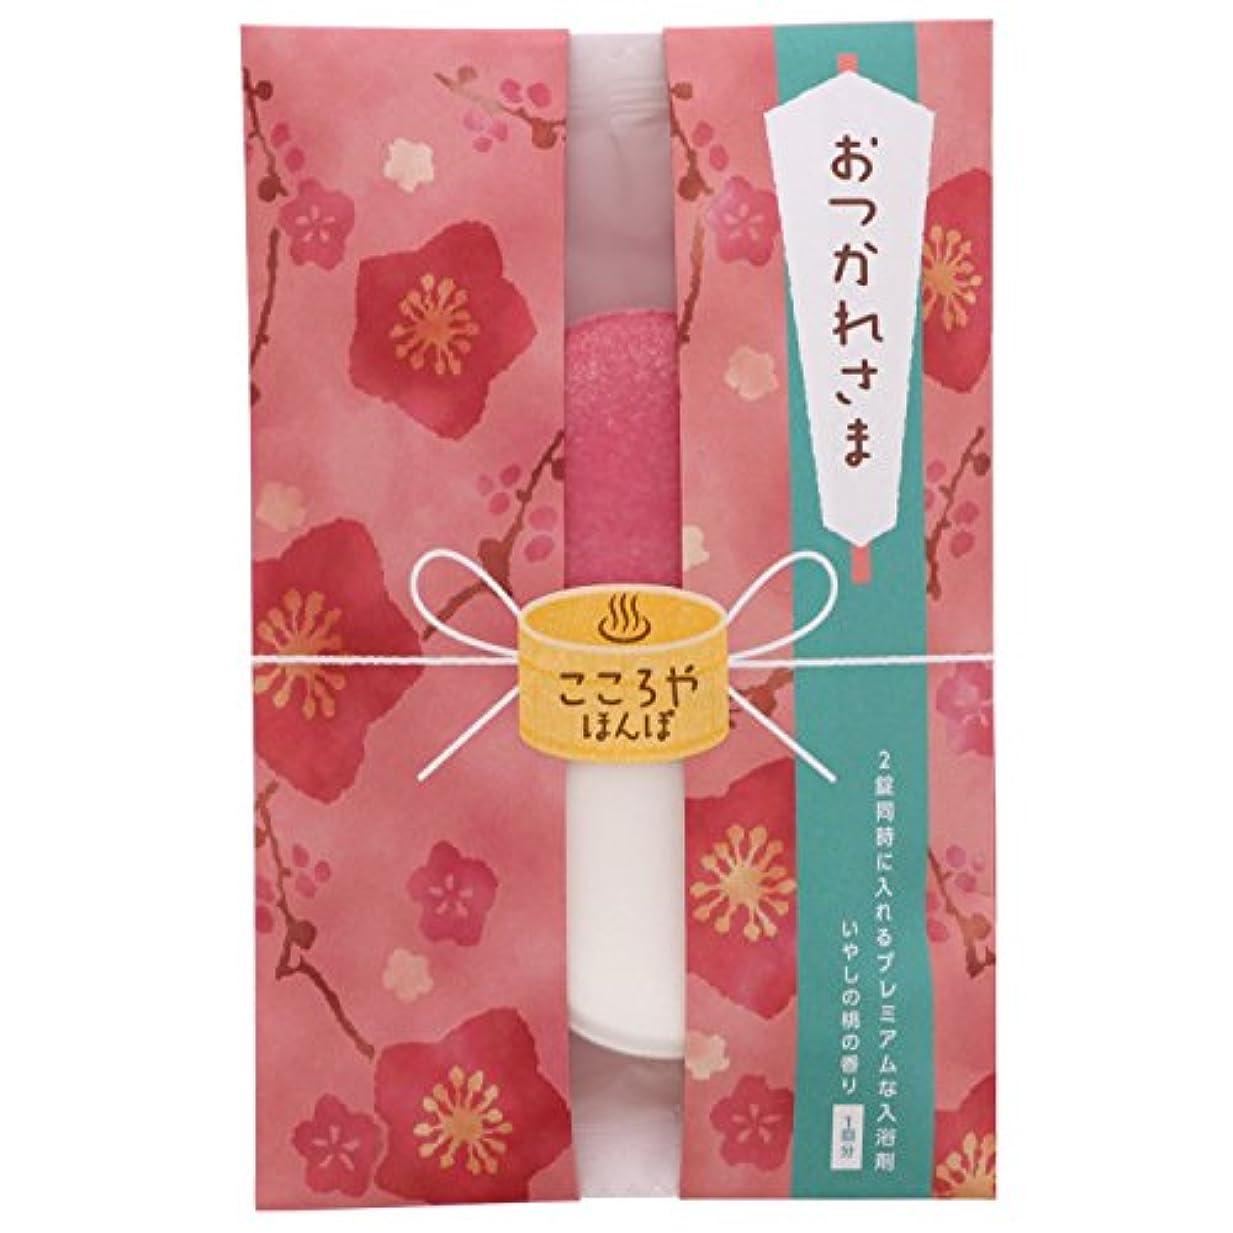 副産物強大な土器こころやほんぽ カジュアルギフト 入浴剤 おつかれさま 桃の香り 50g